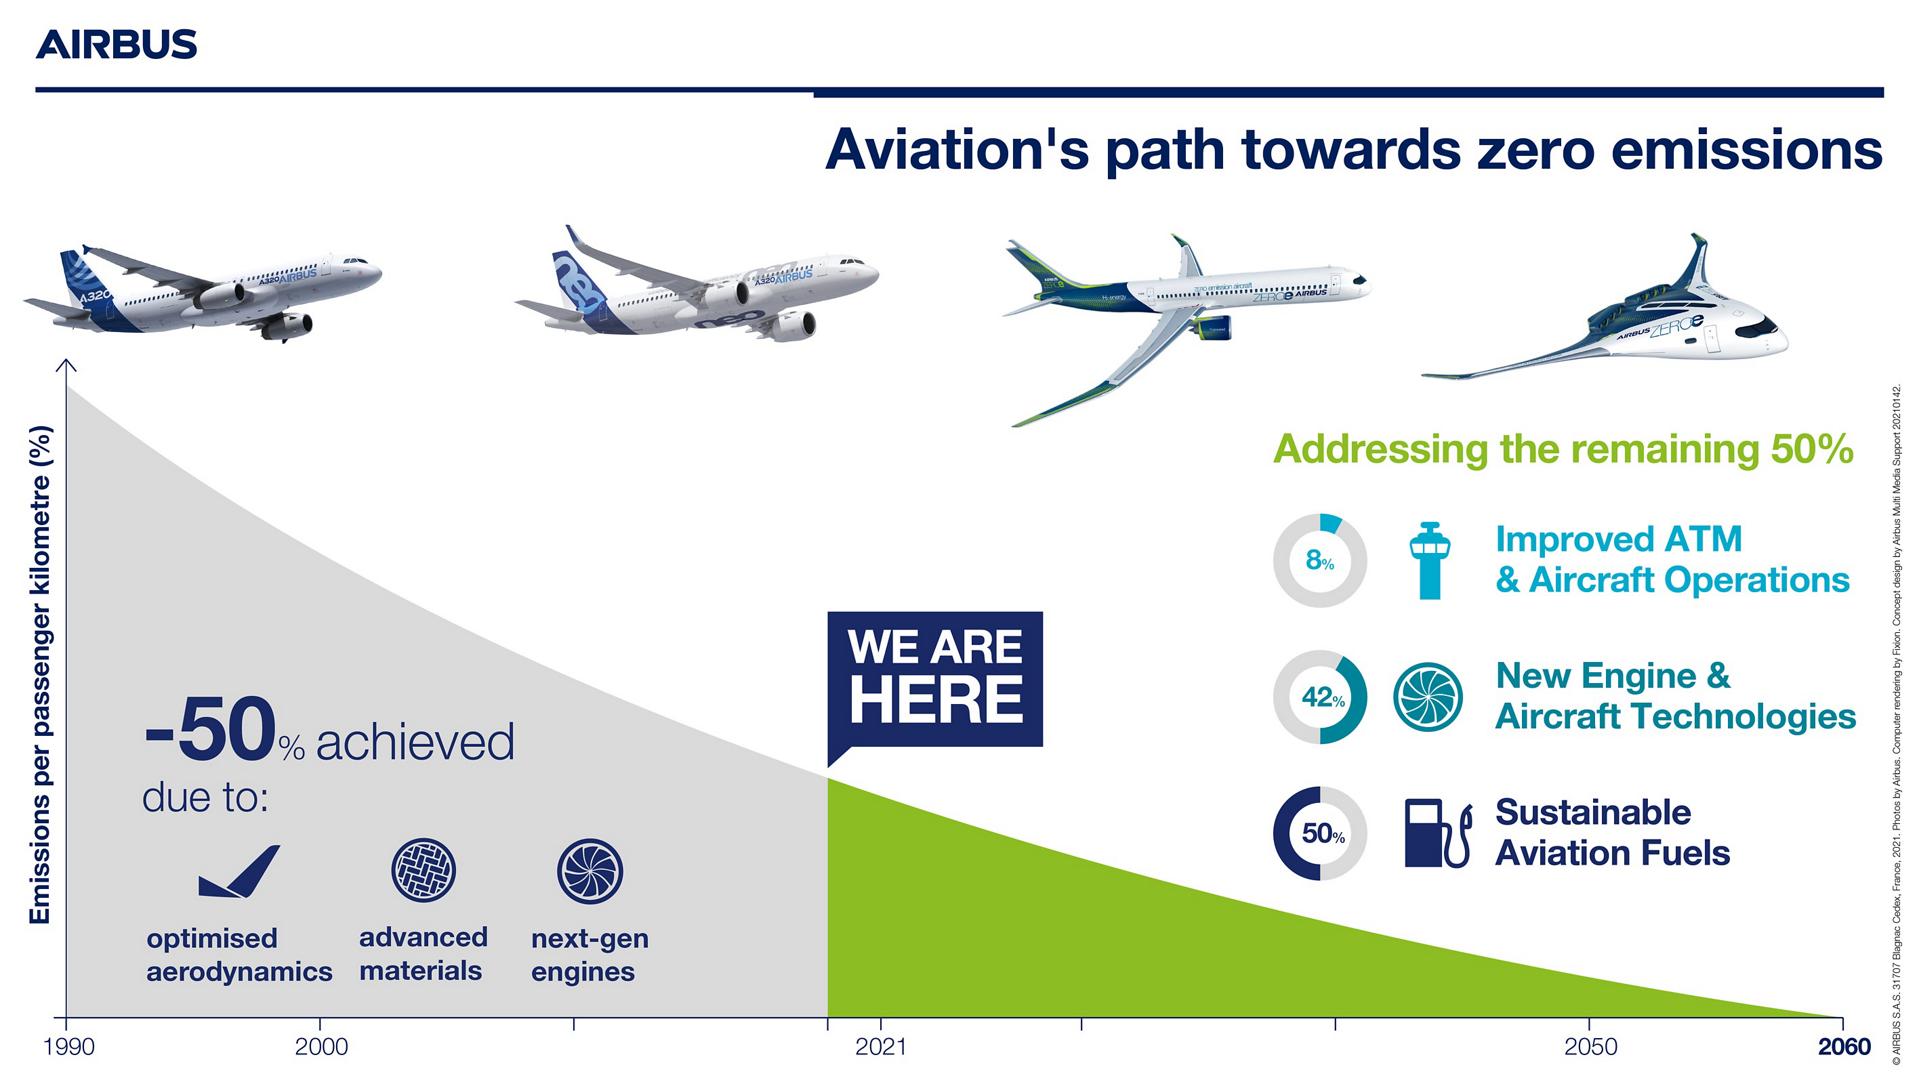 航空走向零排放